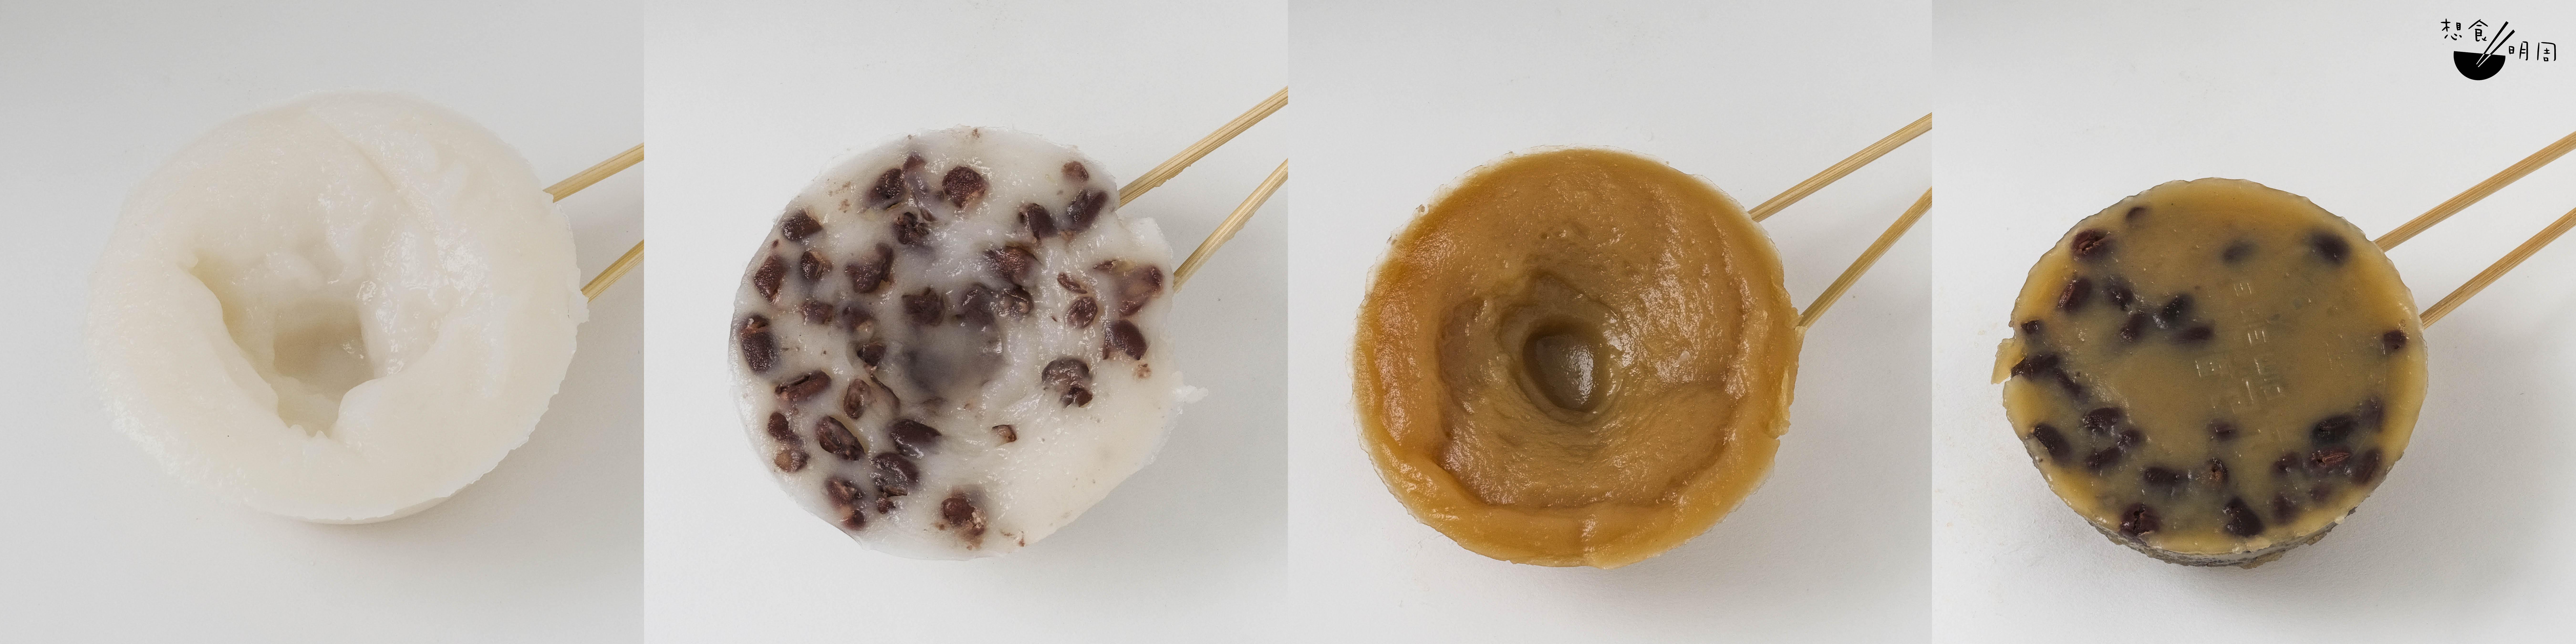 夠懷舊的缽仔糕,都用石磨米漿,而非機磨,這樣才保留到靈魂米香。左一及左二用白砂糖製作,右一及右二則為蔗片糖。以前屋邨的缽仔糕多會兼售有豆及無豆版本。